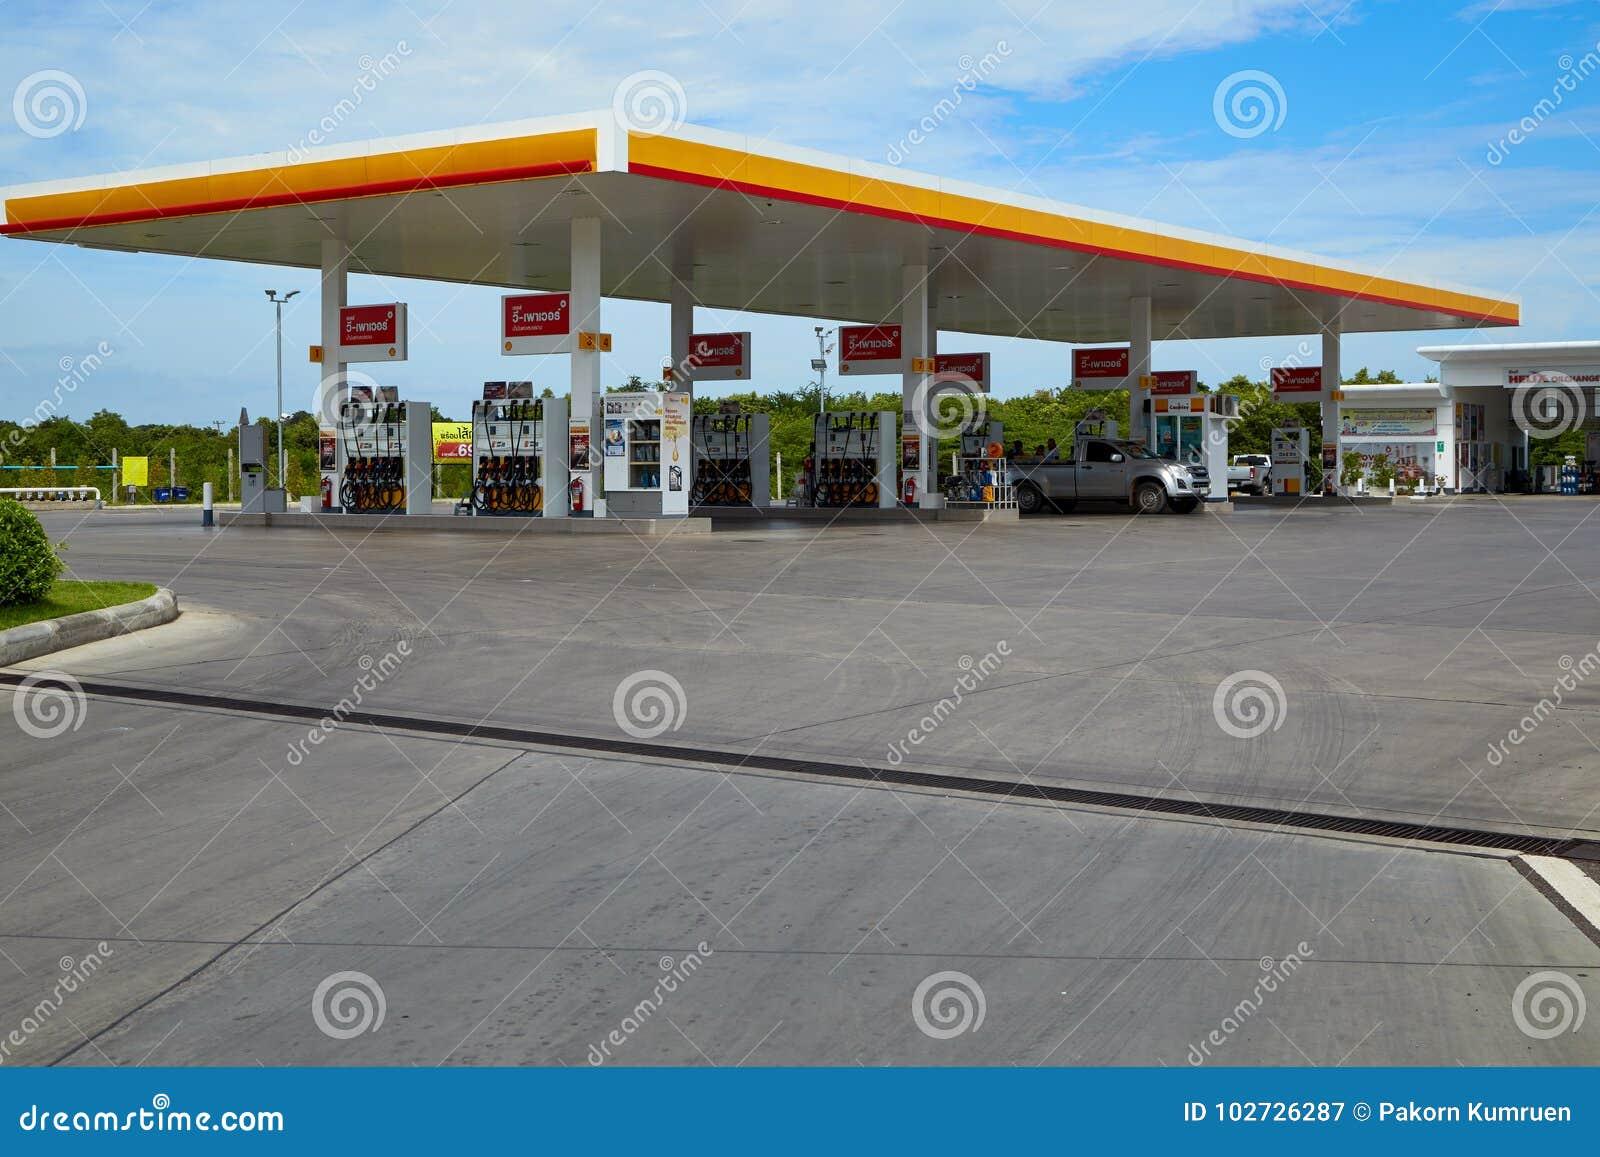 Carburant de SHELL et station service et réparation de voiture